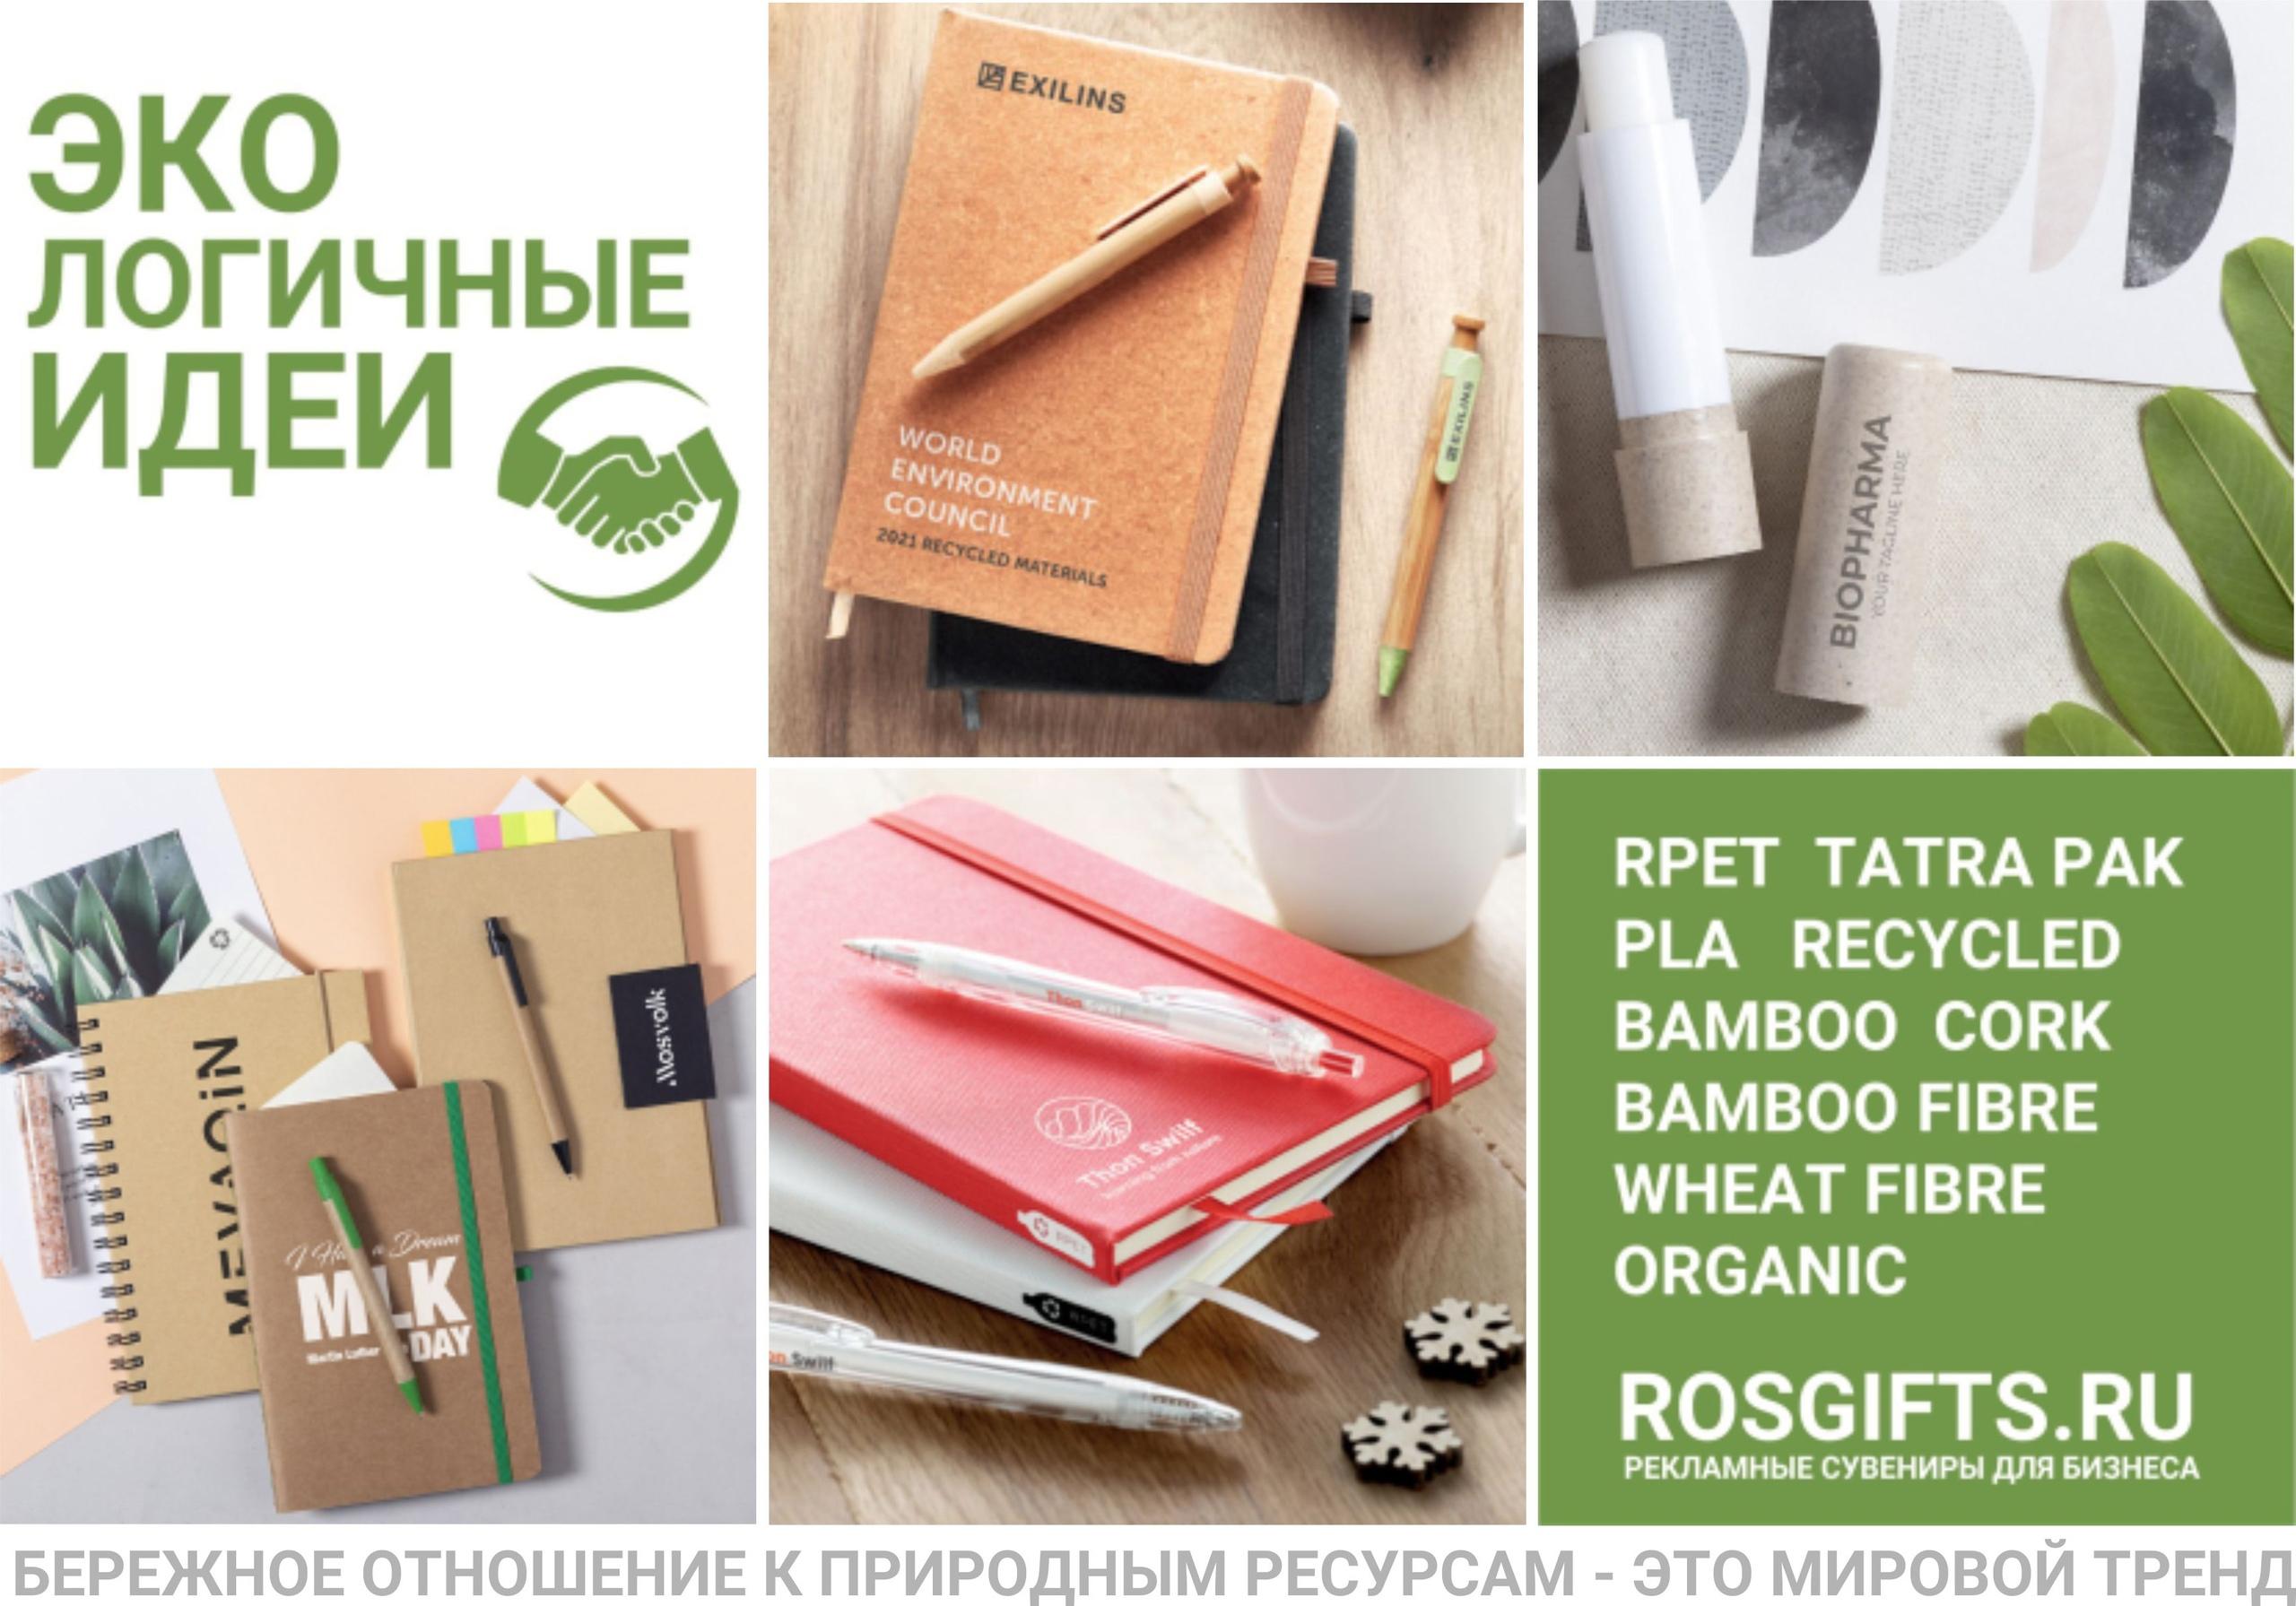 сувенирная продукция с логотипом в Якутске